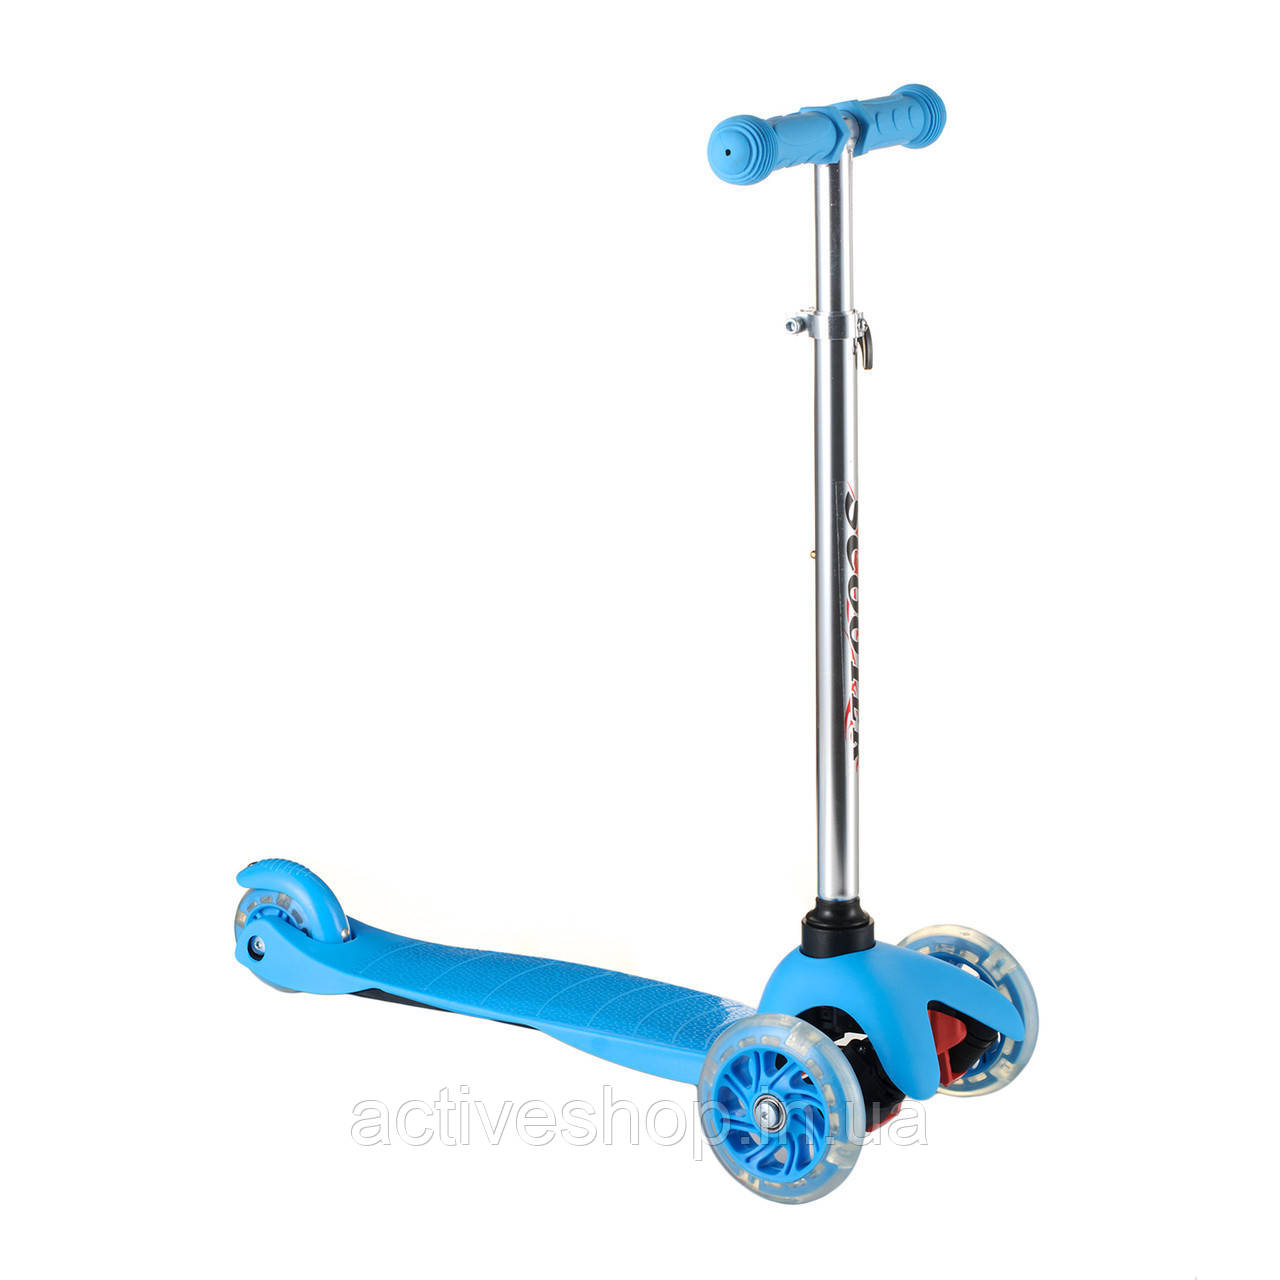 Самокат Scooter  синий